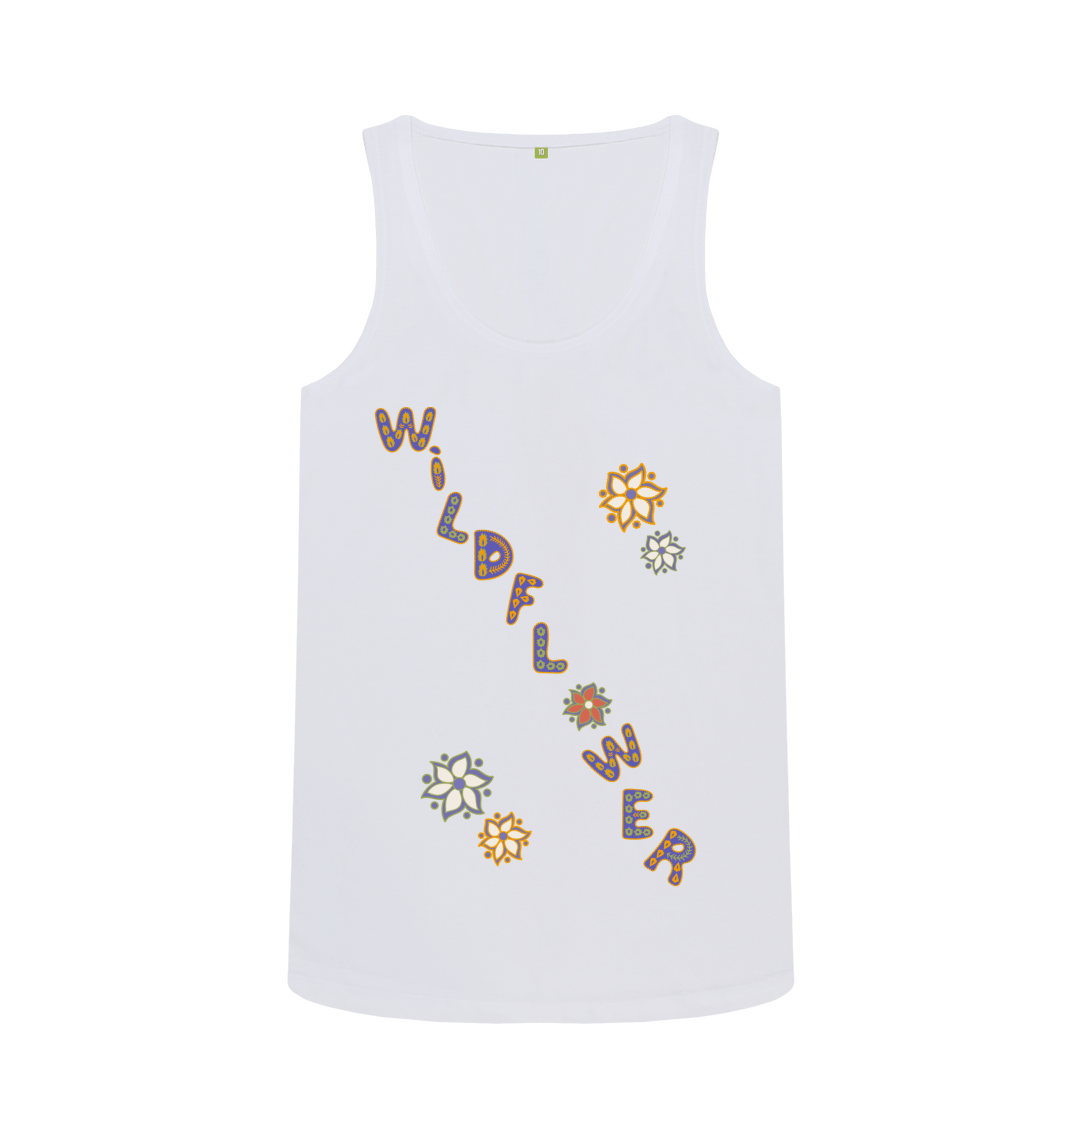 Nature Lovers Wildflower Women's Eco Vest T Shirt - Organic Cotton, Vegan white